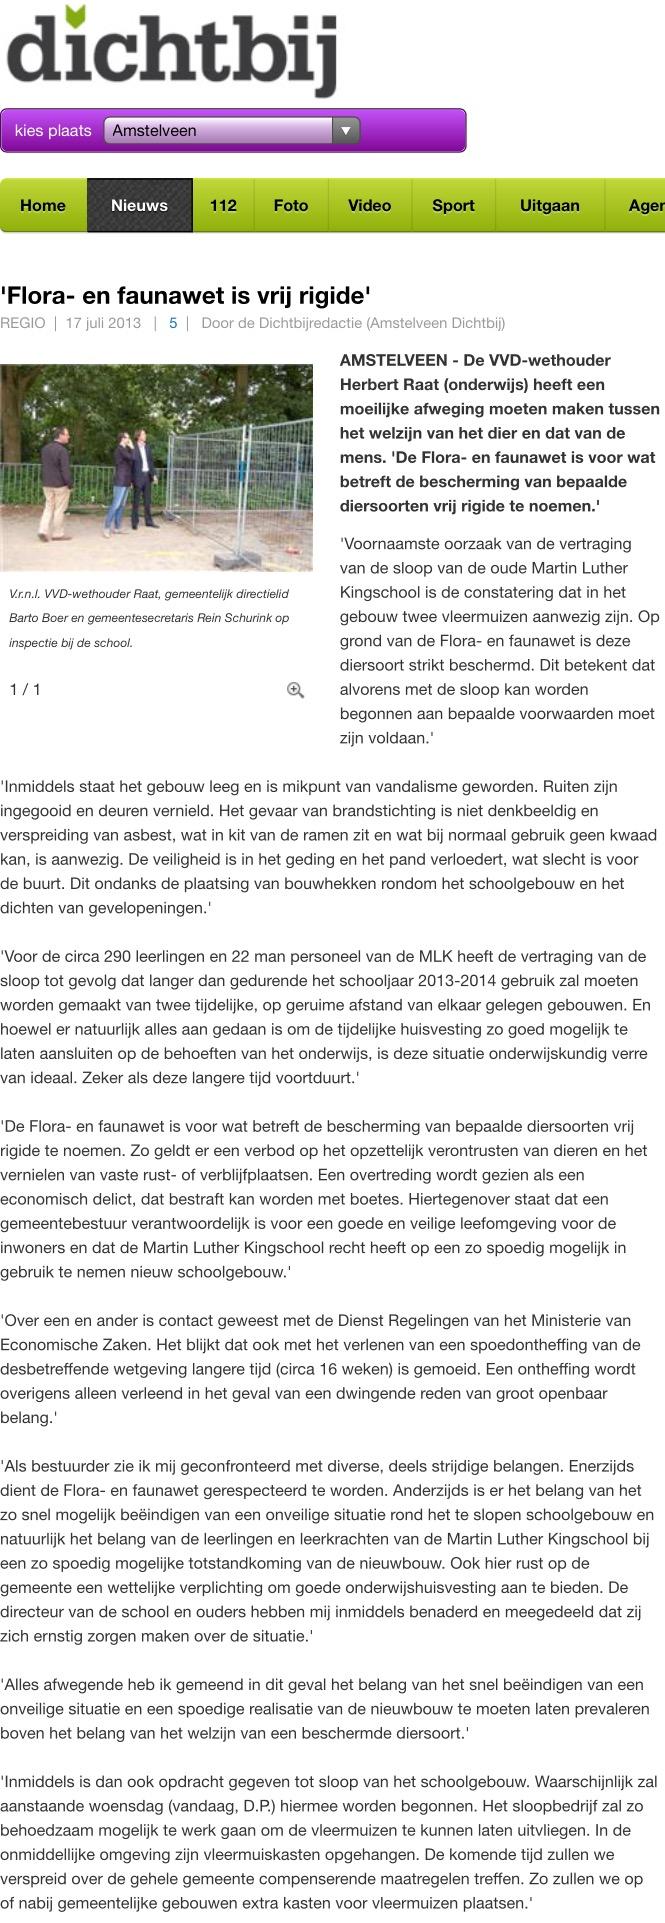 2013-17-3; AmstelveenDichbij.nl: over waarom wethouder Herbert Raat belang van kinderen boven vleermuizen stelt.